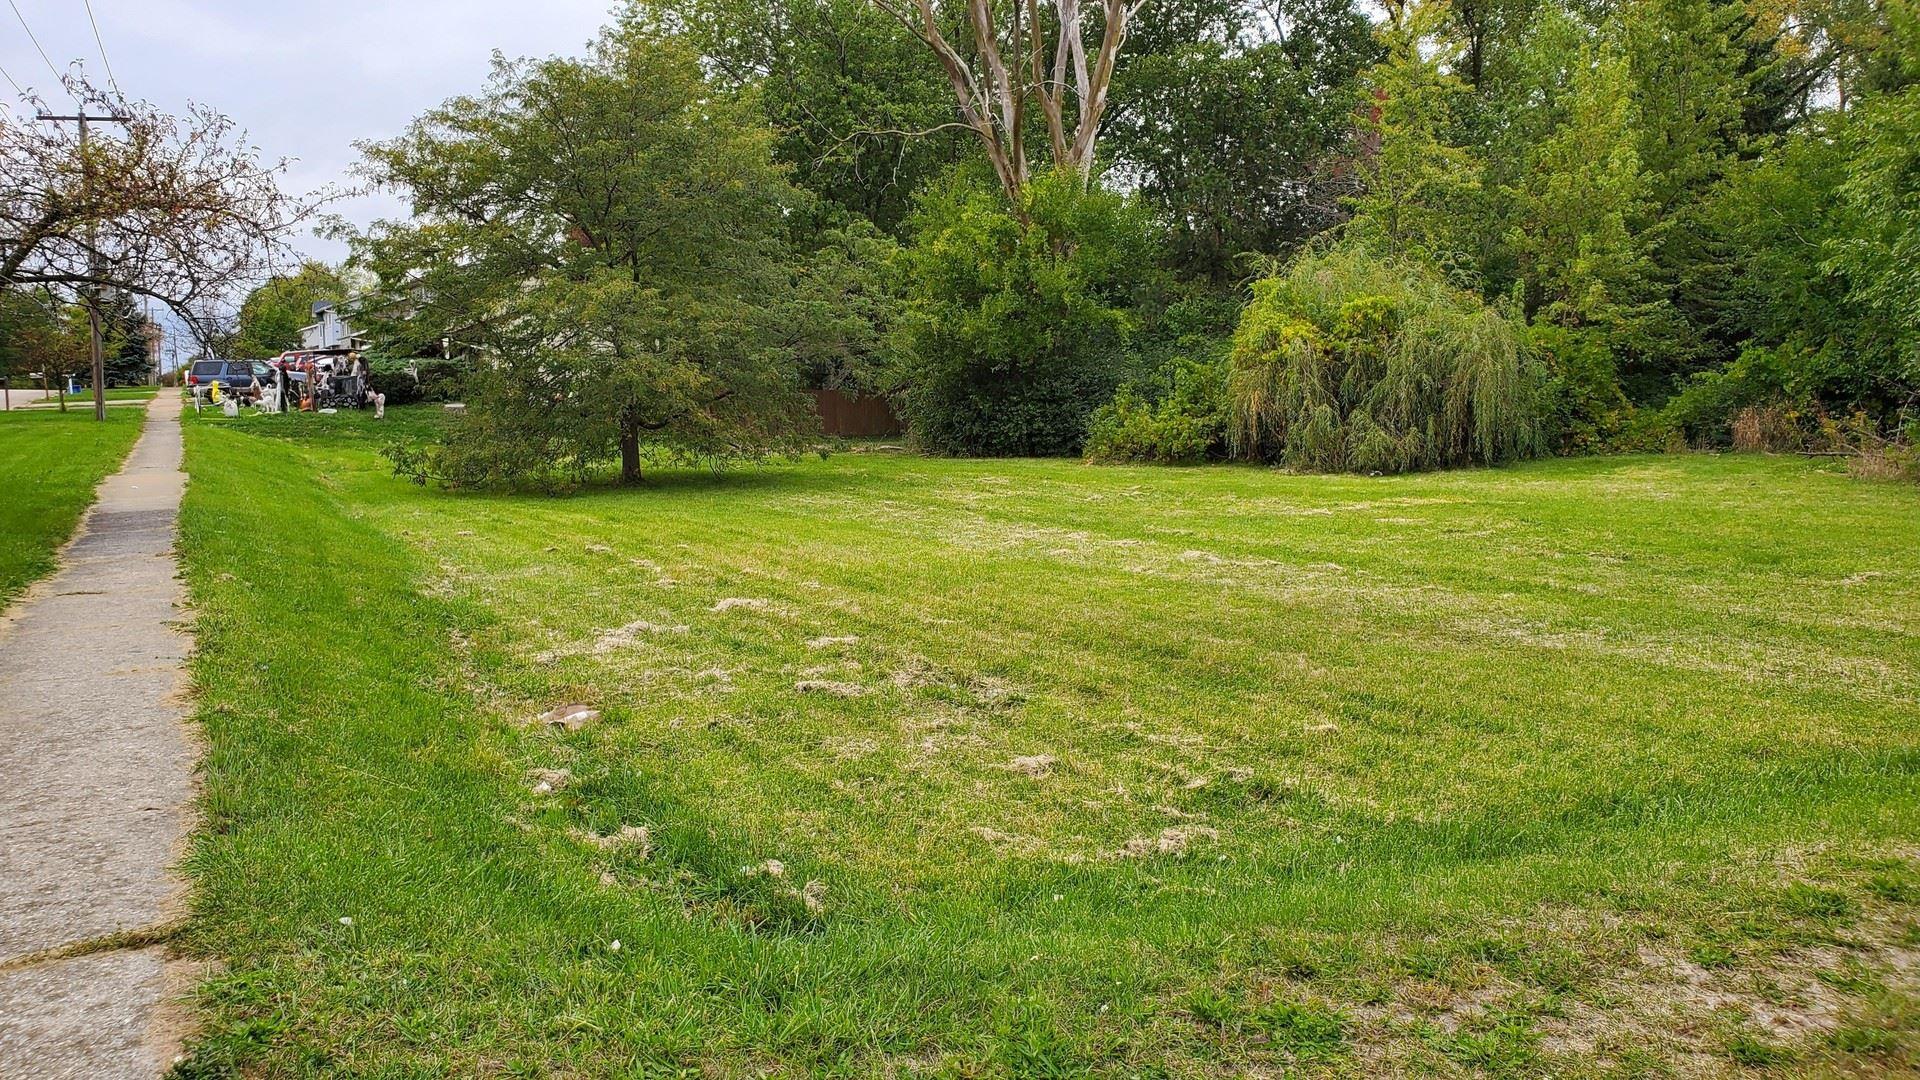 Photo of 218 E Briarcliff Road, Bolingbrook, IL 60440 (MLS # 10897348)